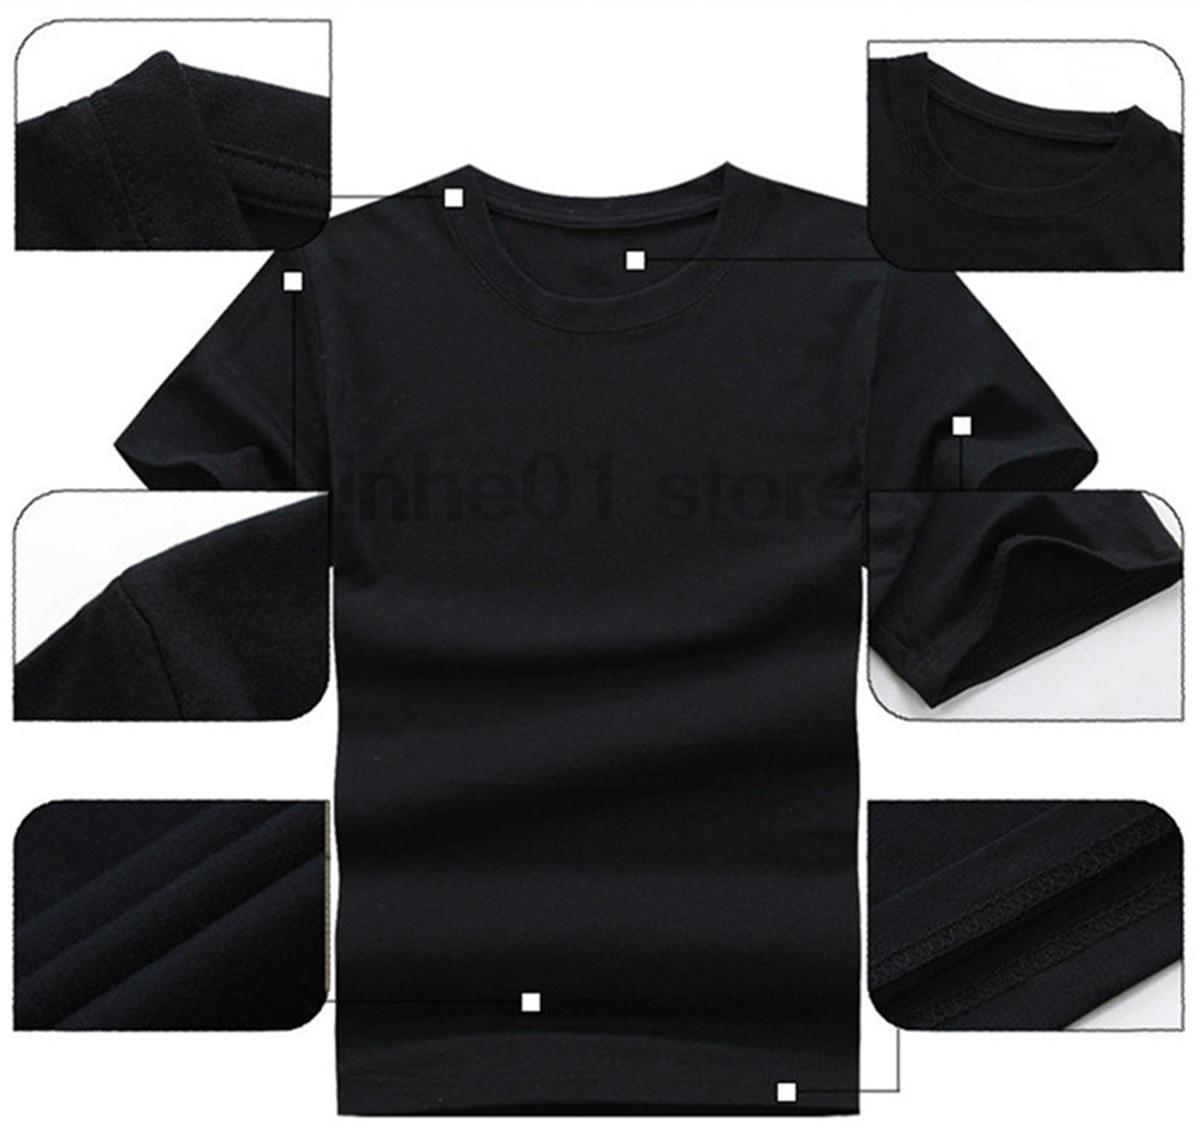 GILDAN Im a Combat Boots Dogtags kind of Girl Shirt Hot Womens T-shirt Womens T-shirt